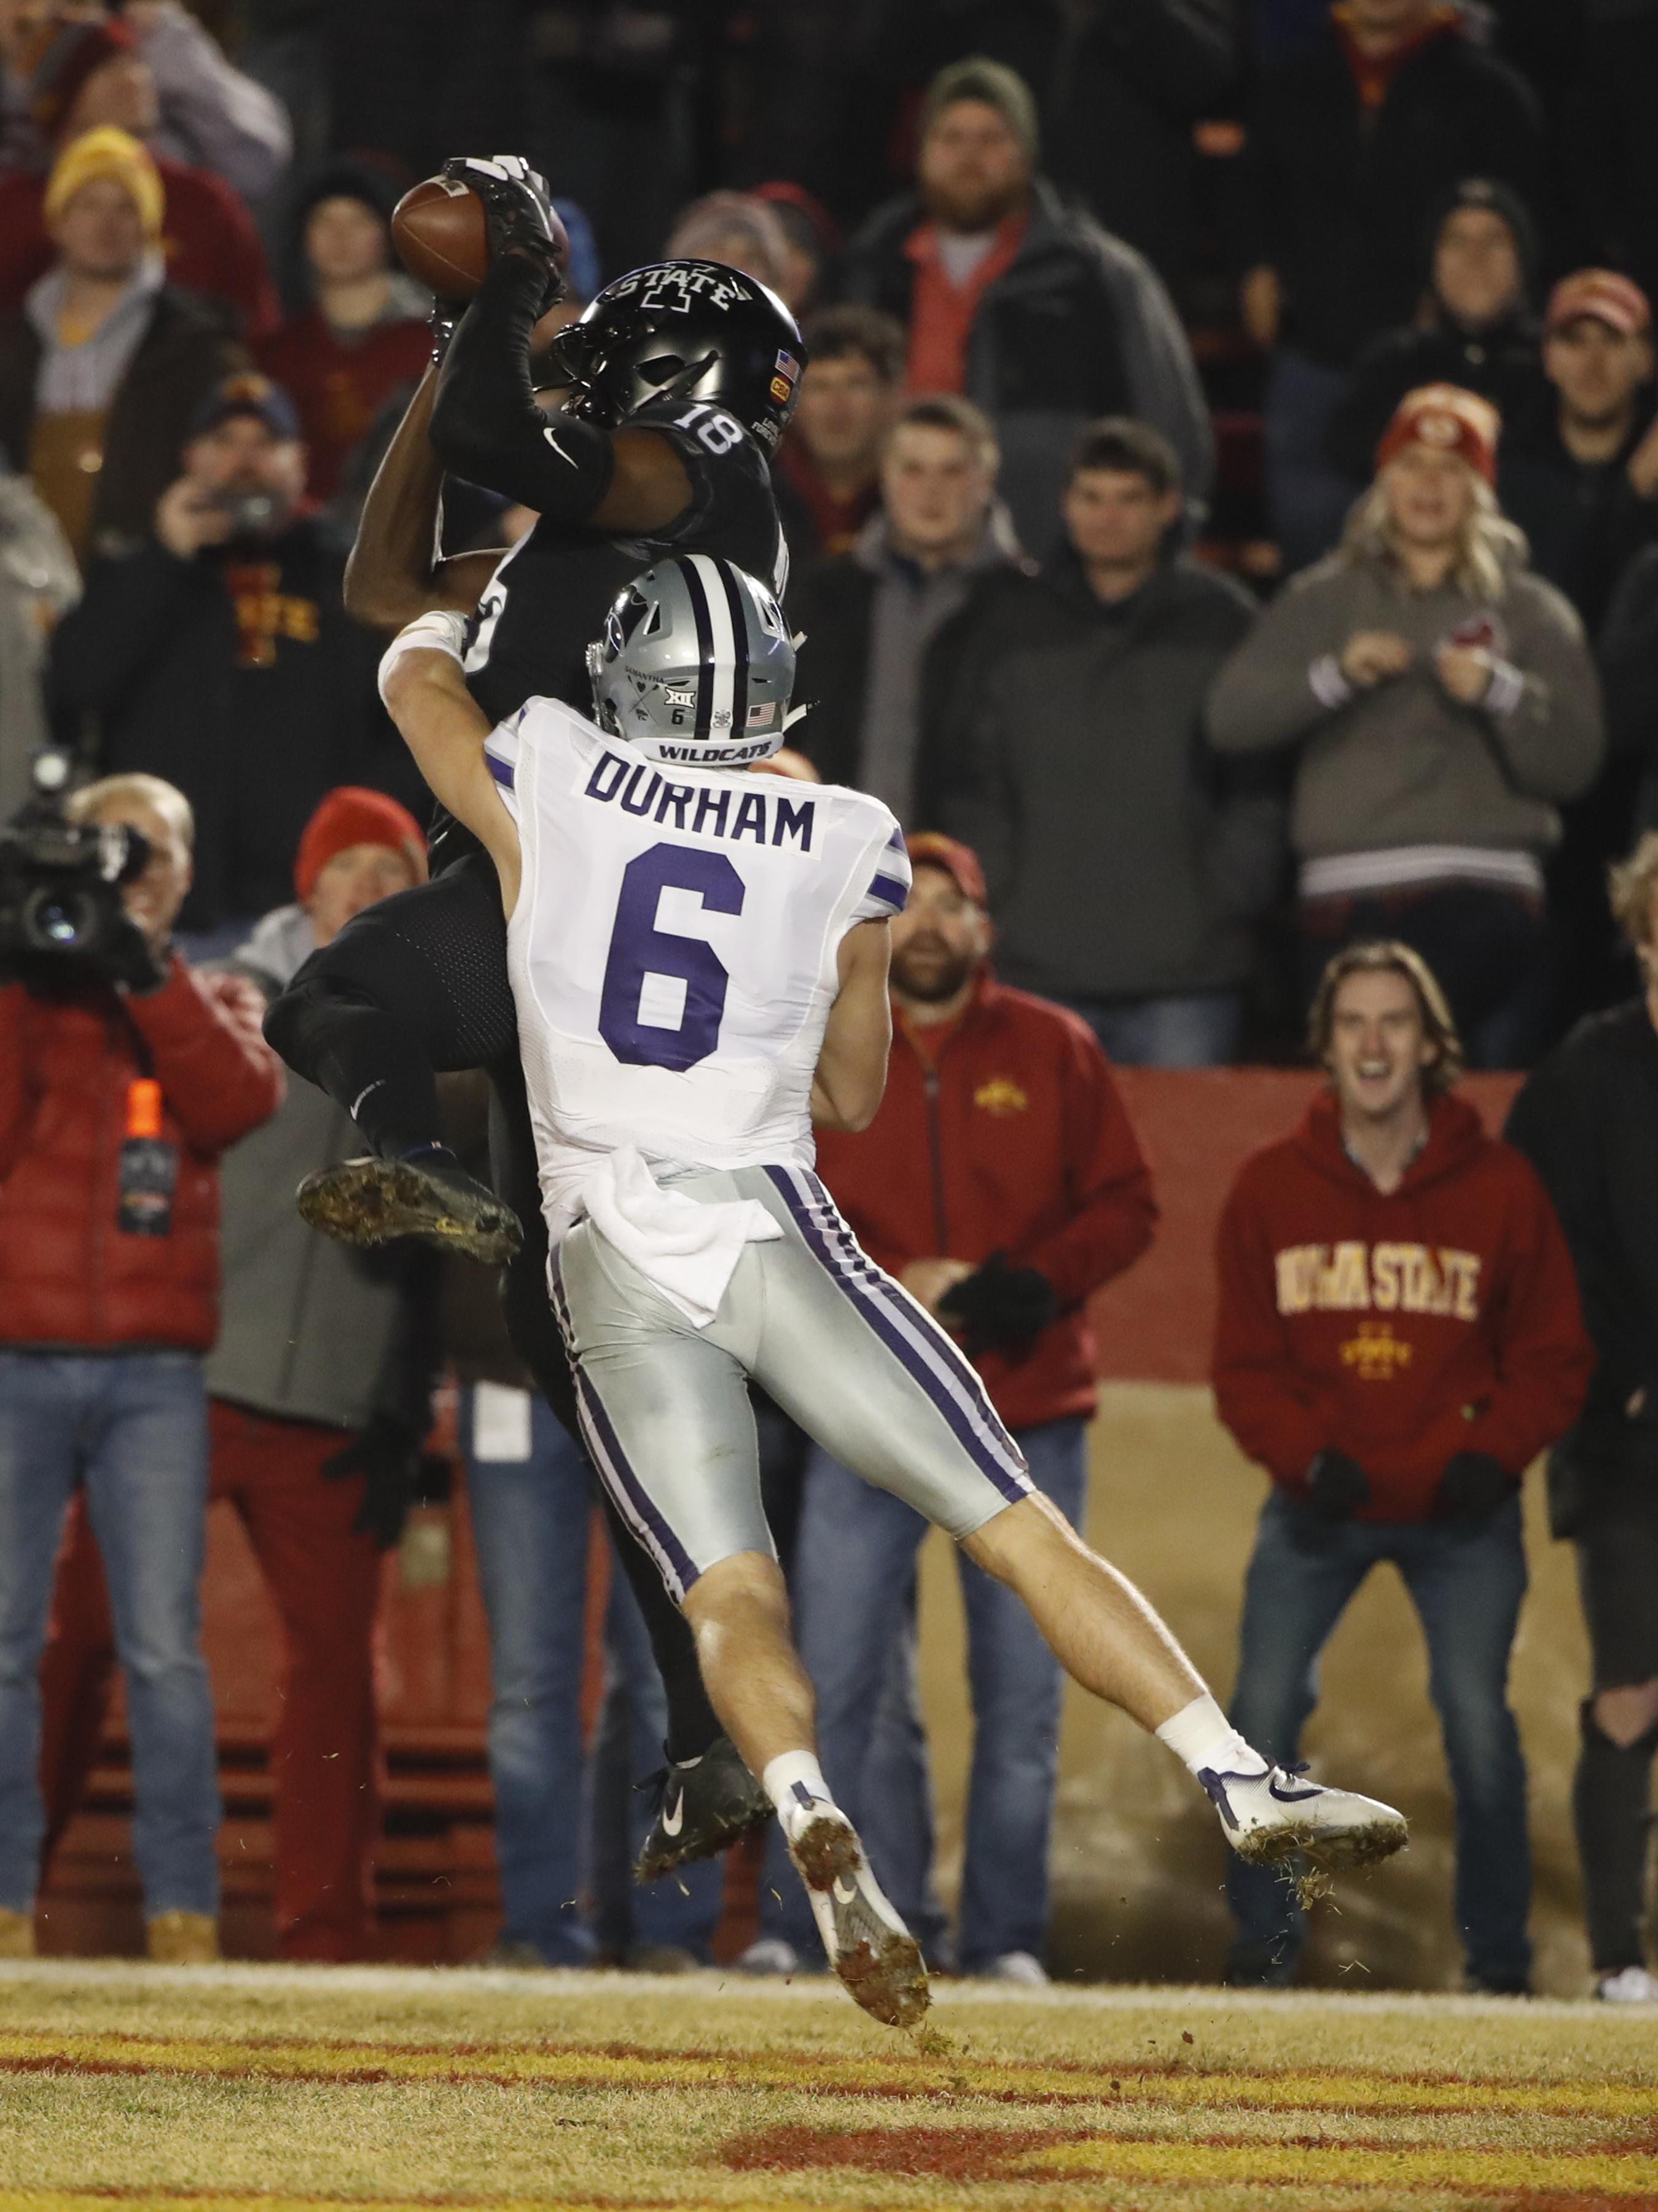 #6 Johnathan Durham